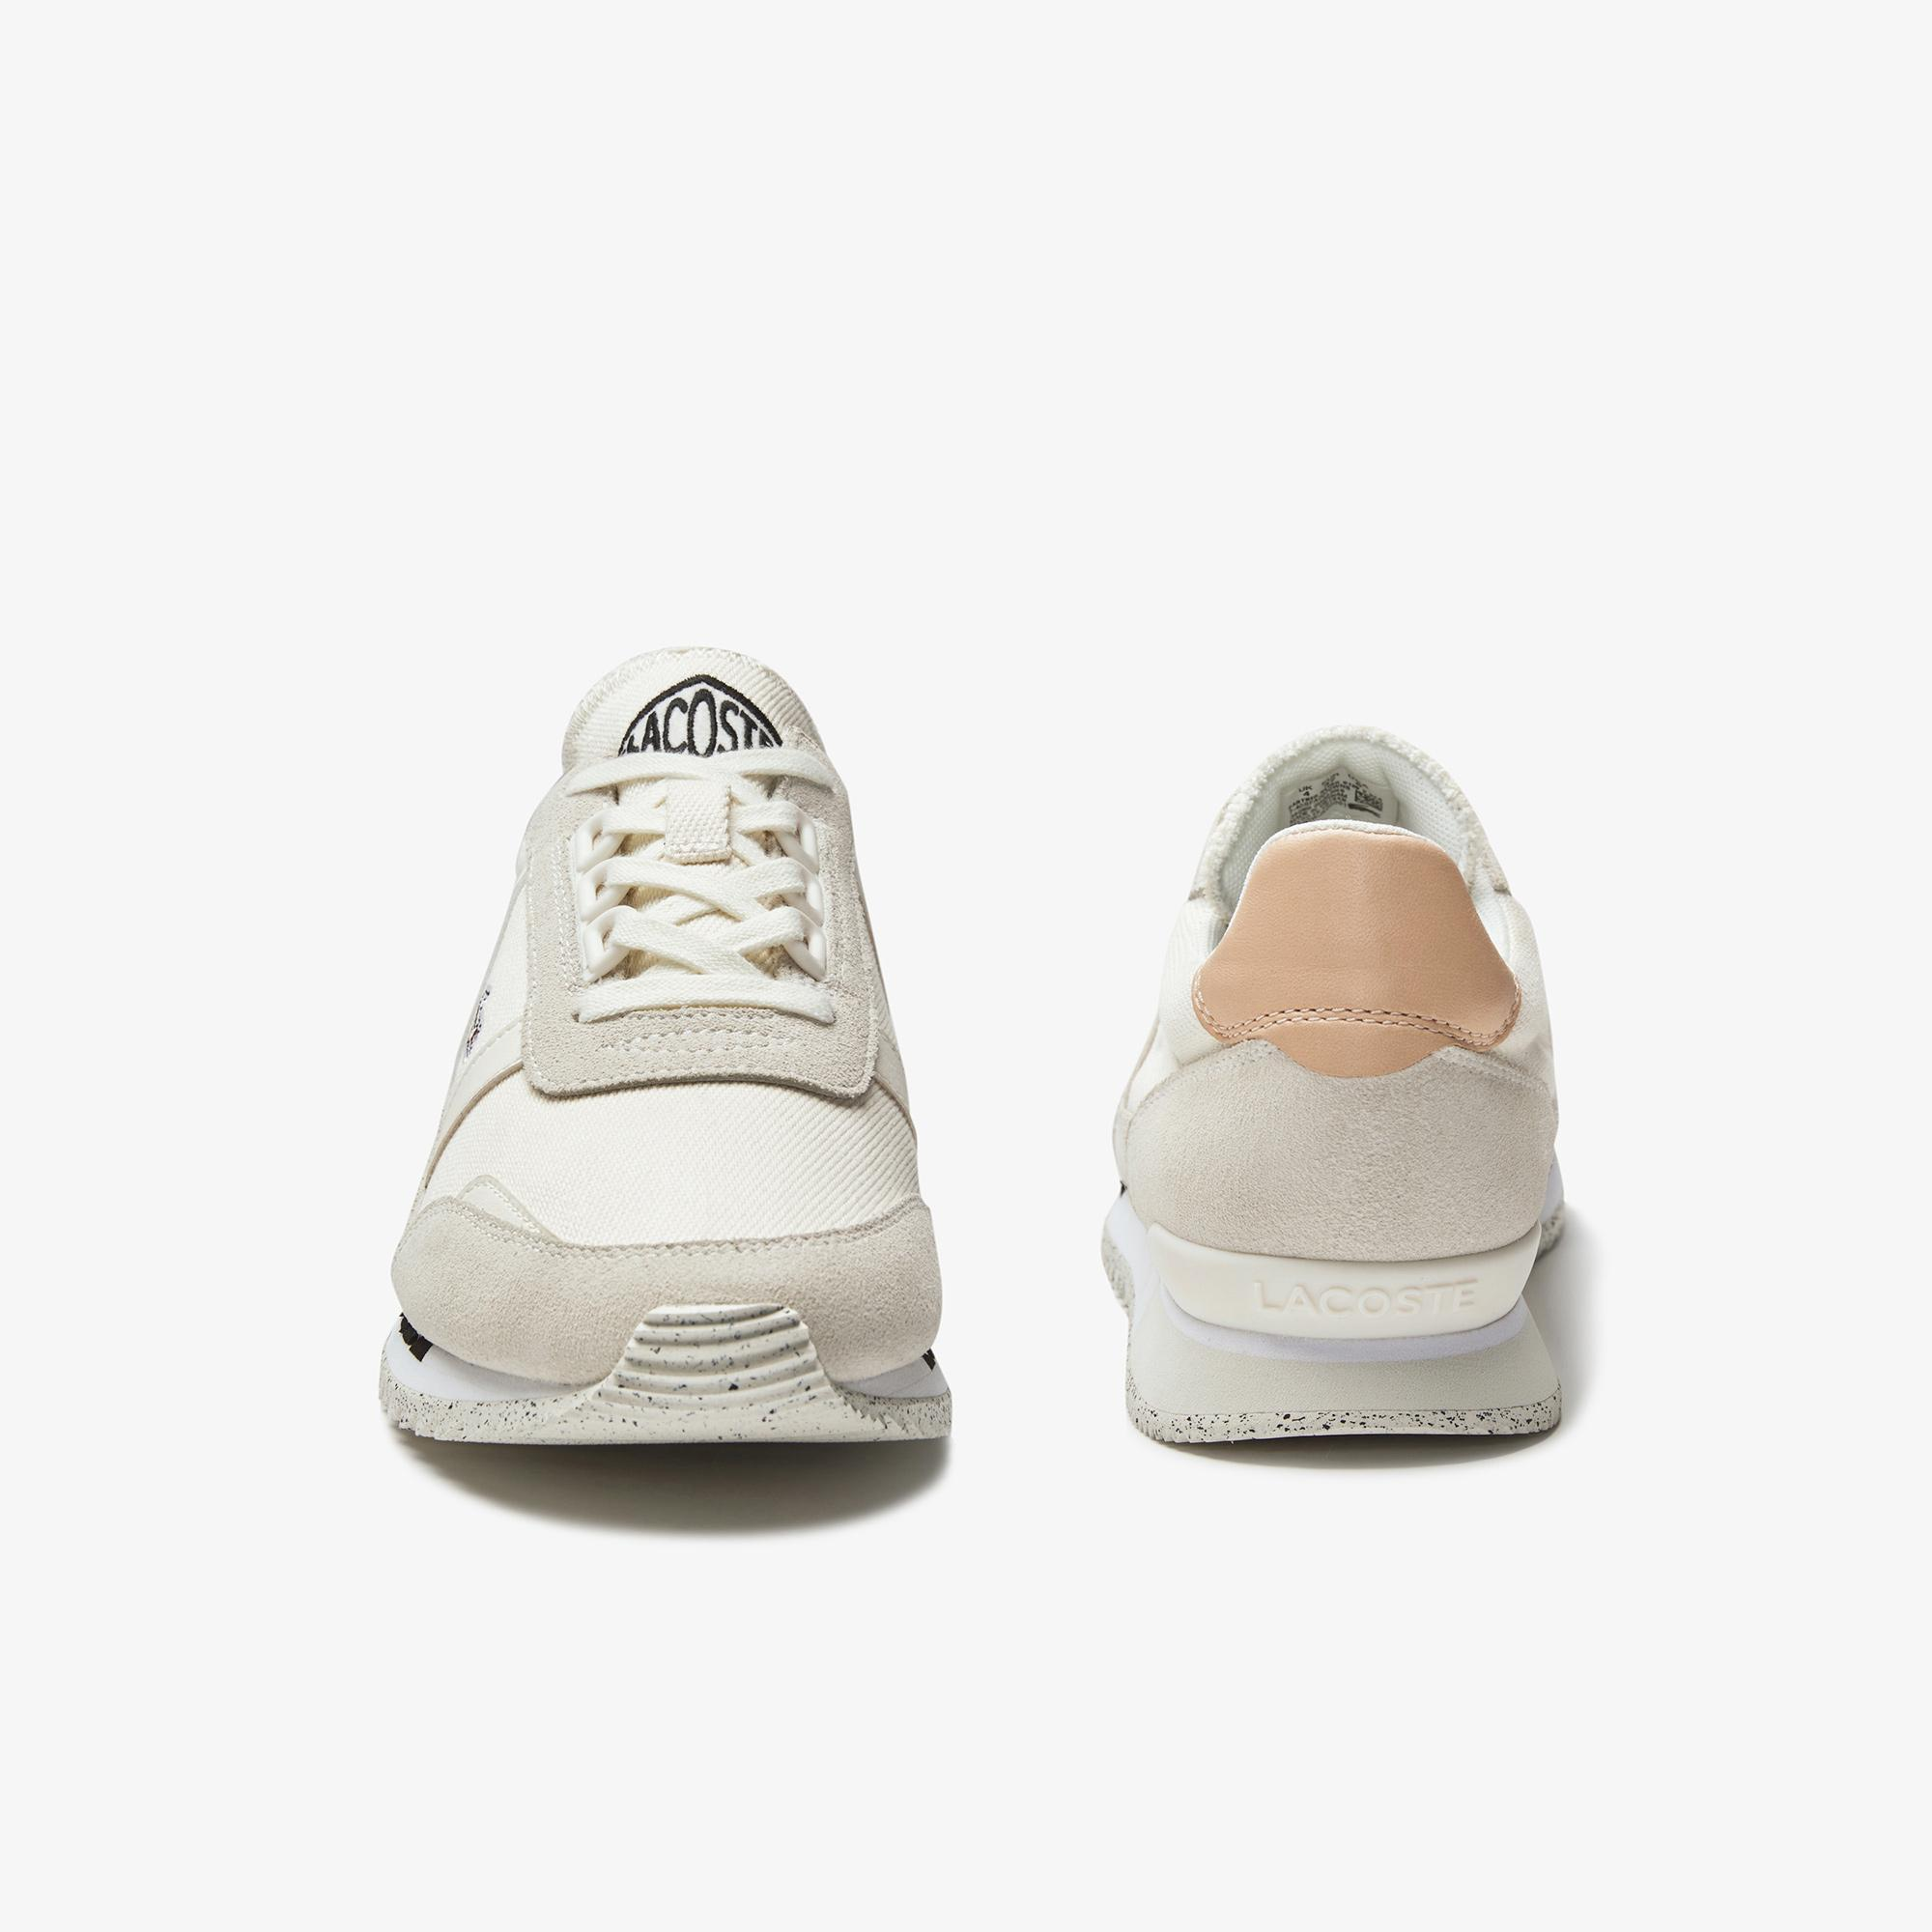 Lacoste Partner Retro 0120 3 Sfa Kadın Açık Bej Sneaker